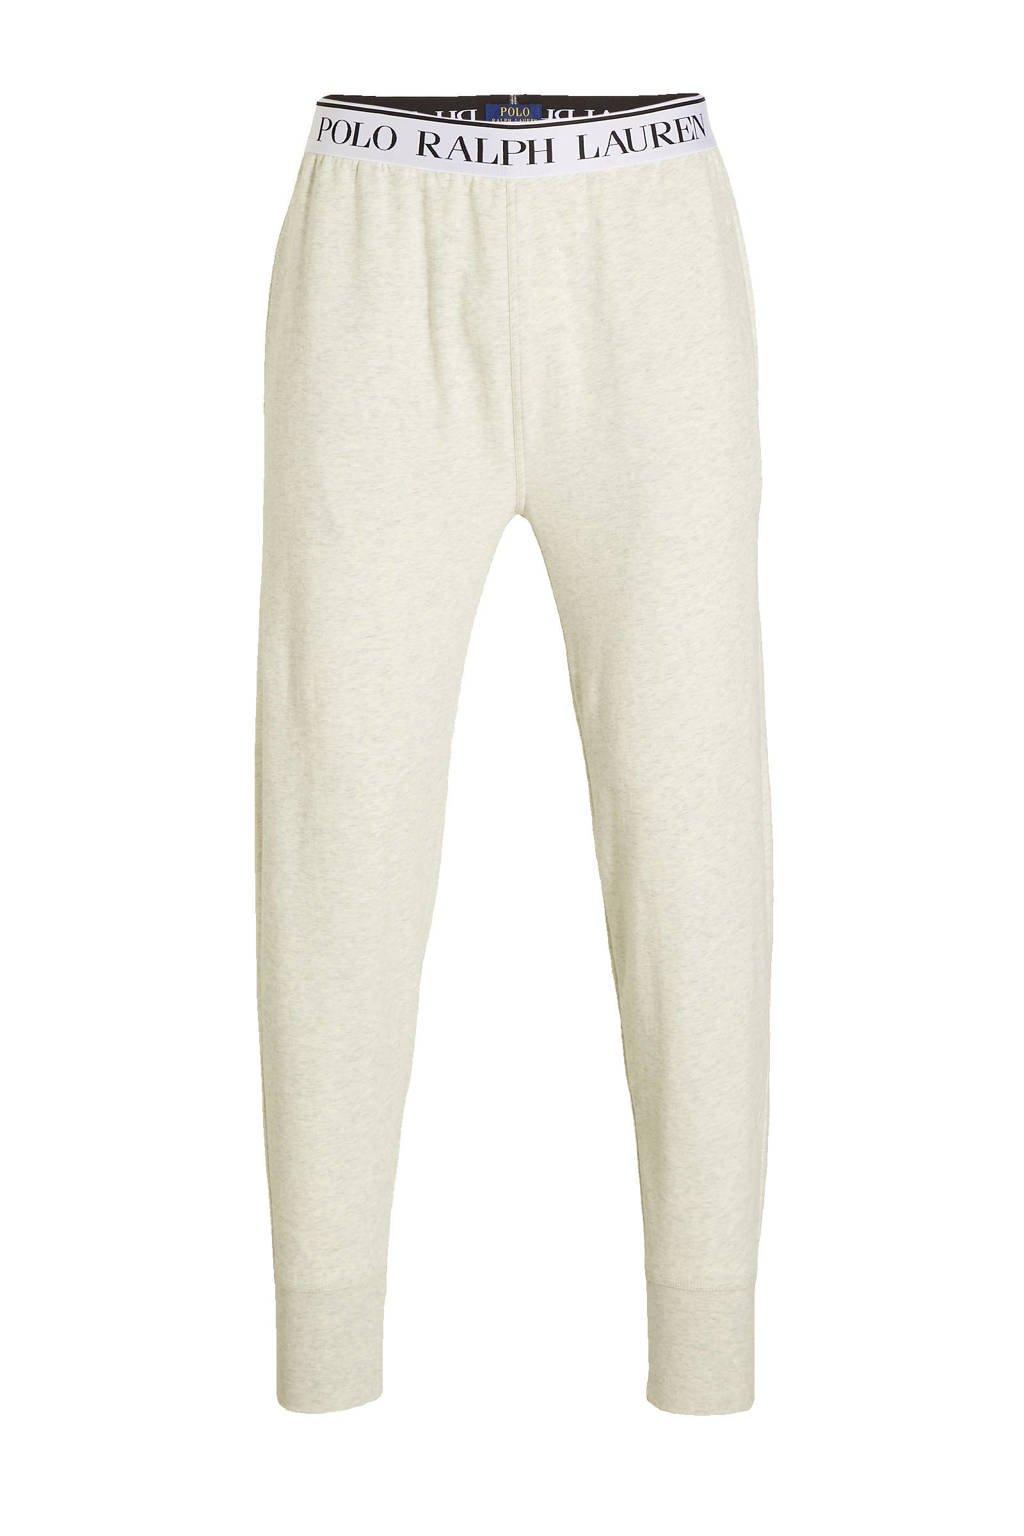 POLO Ralph Lauren pyjamabroek ecru, Ecru